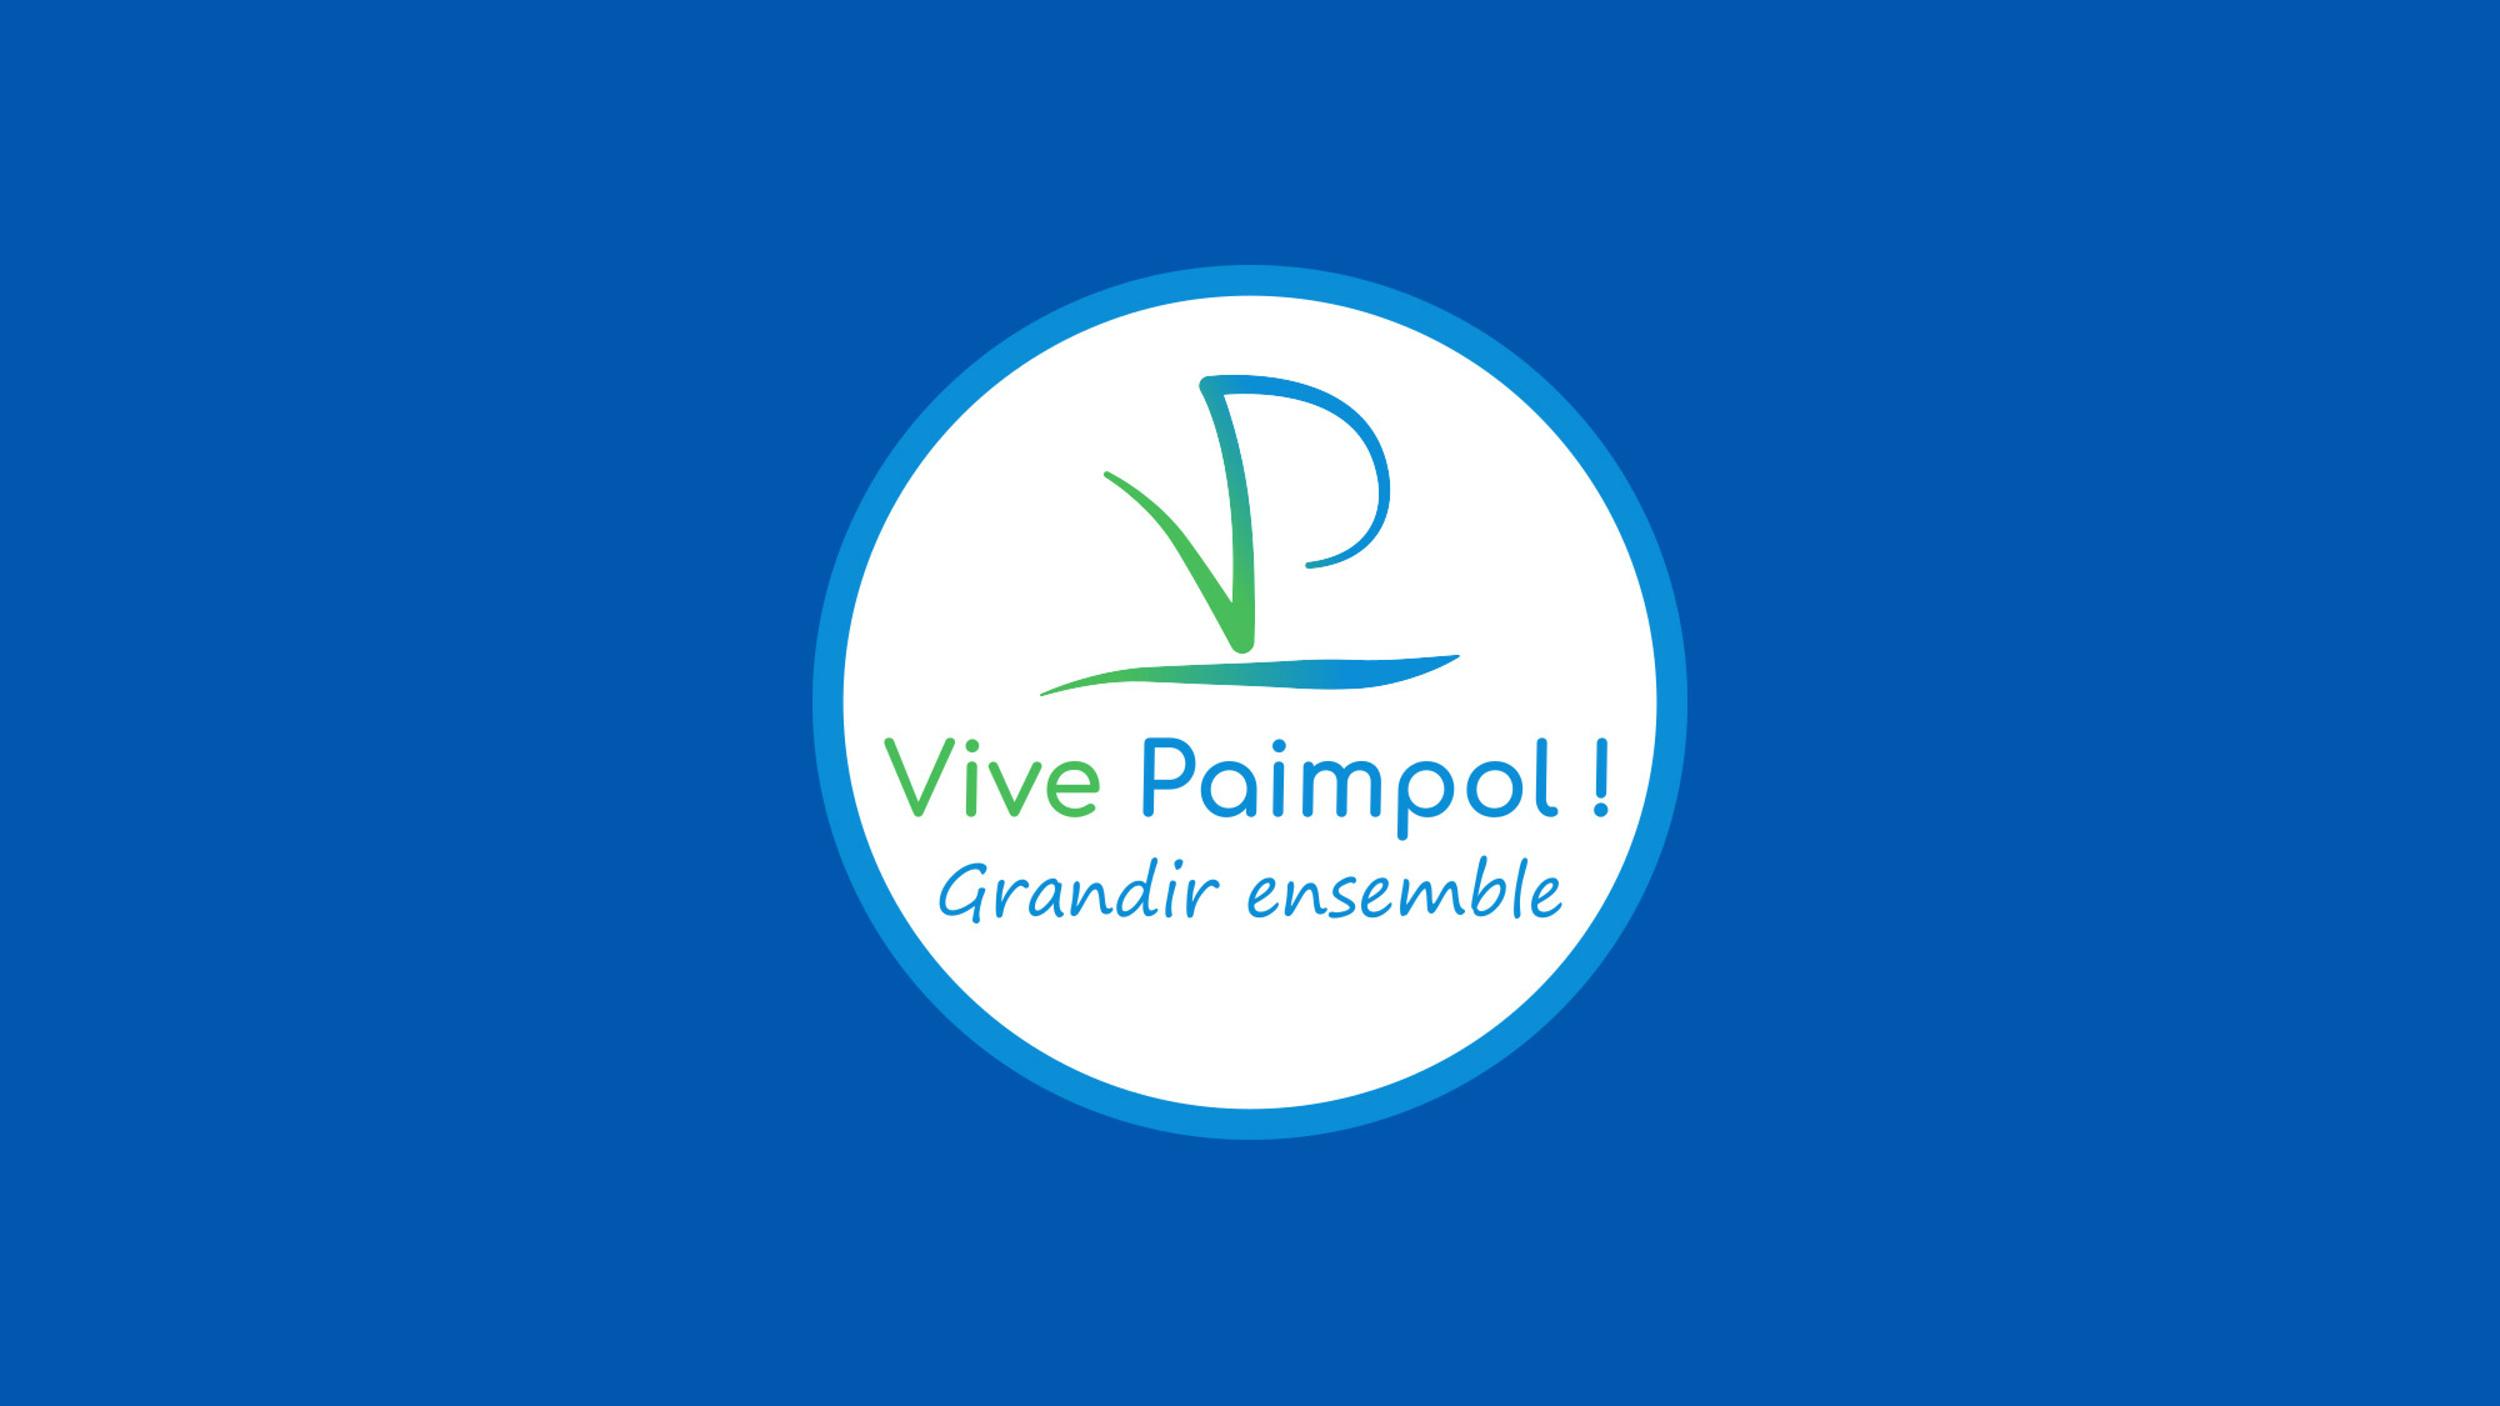 Vive Paimpol s'engage avec un projet innovant et ambitieux !